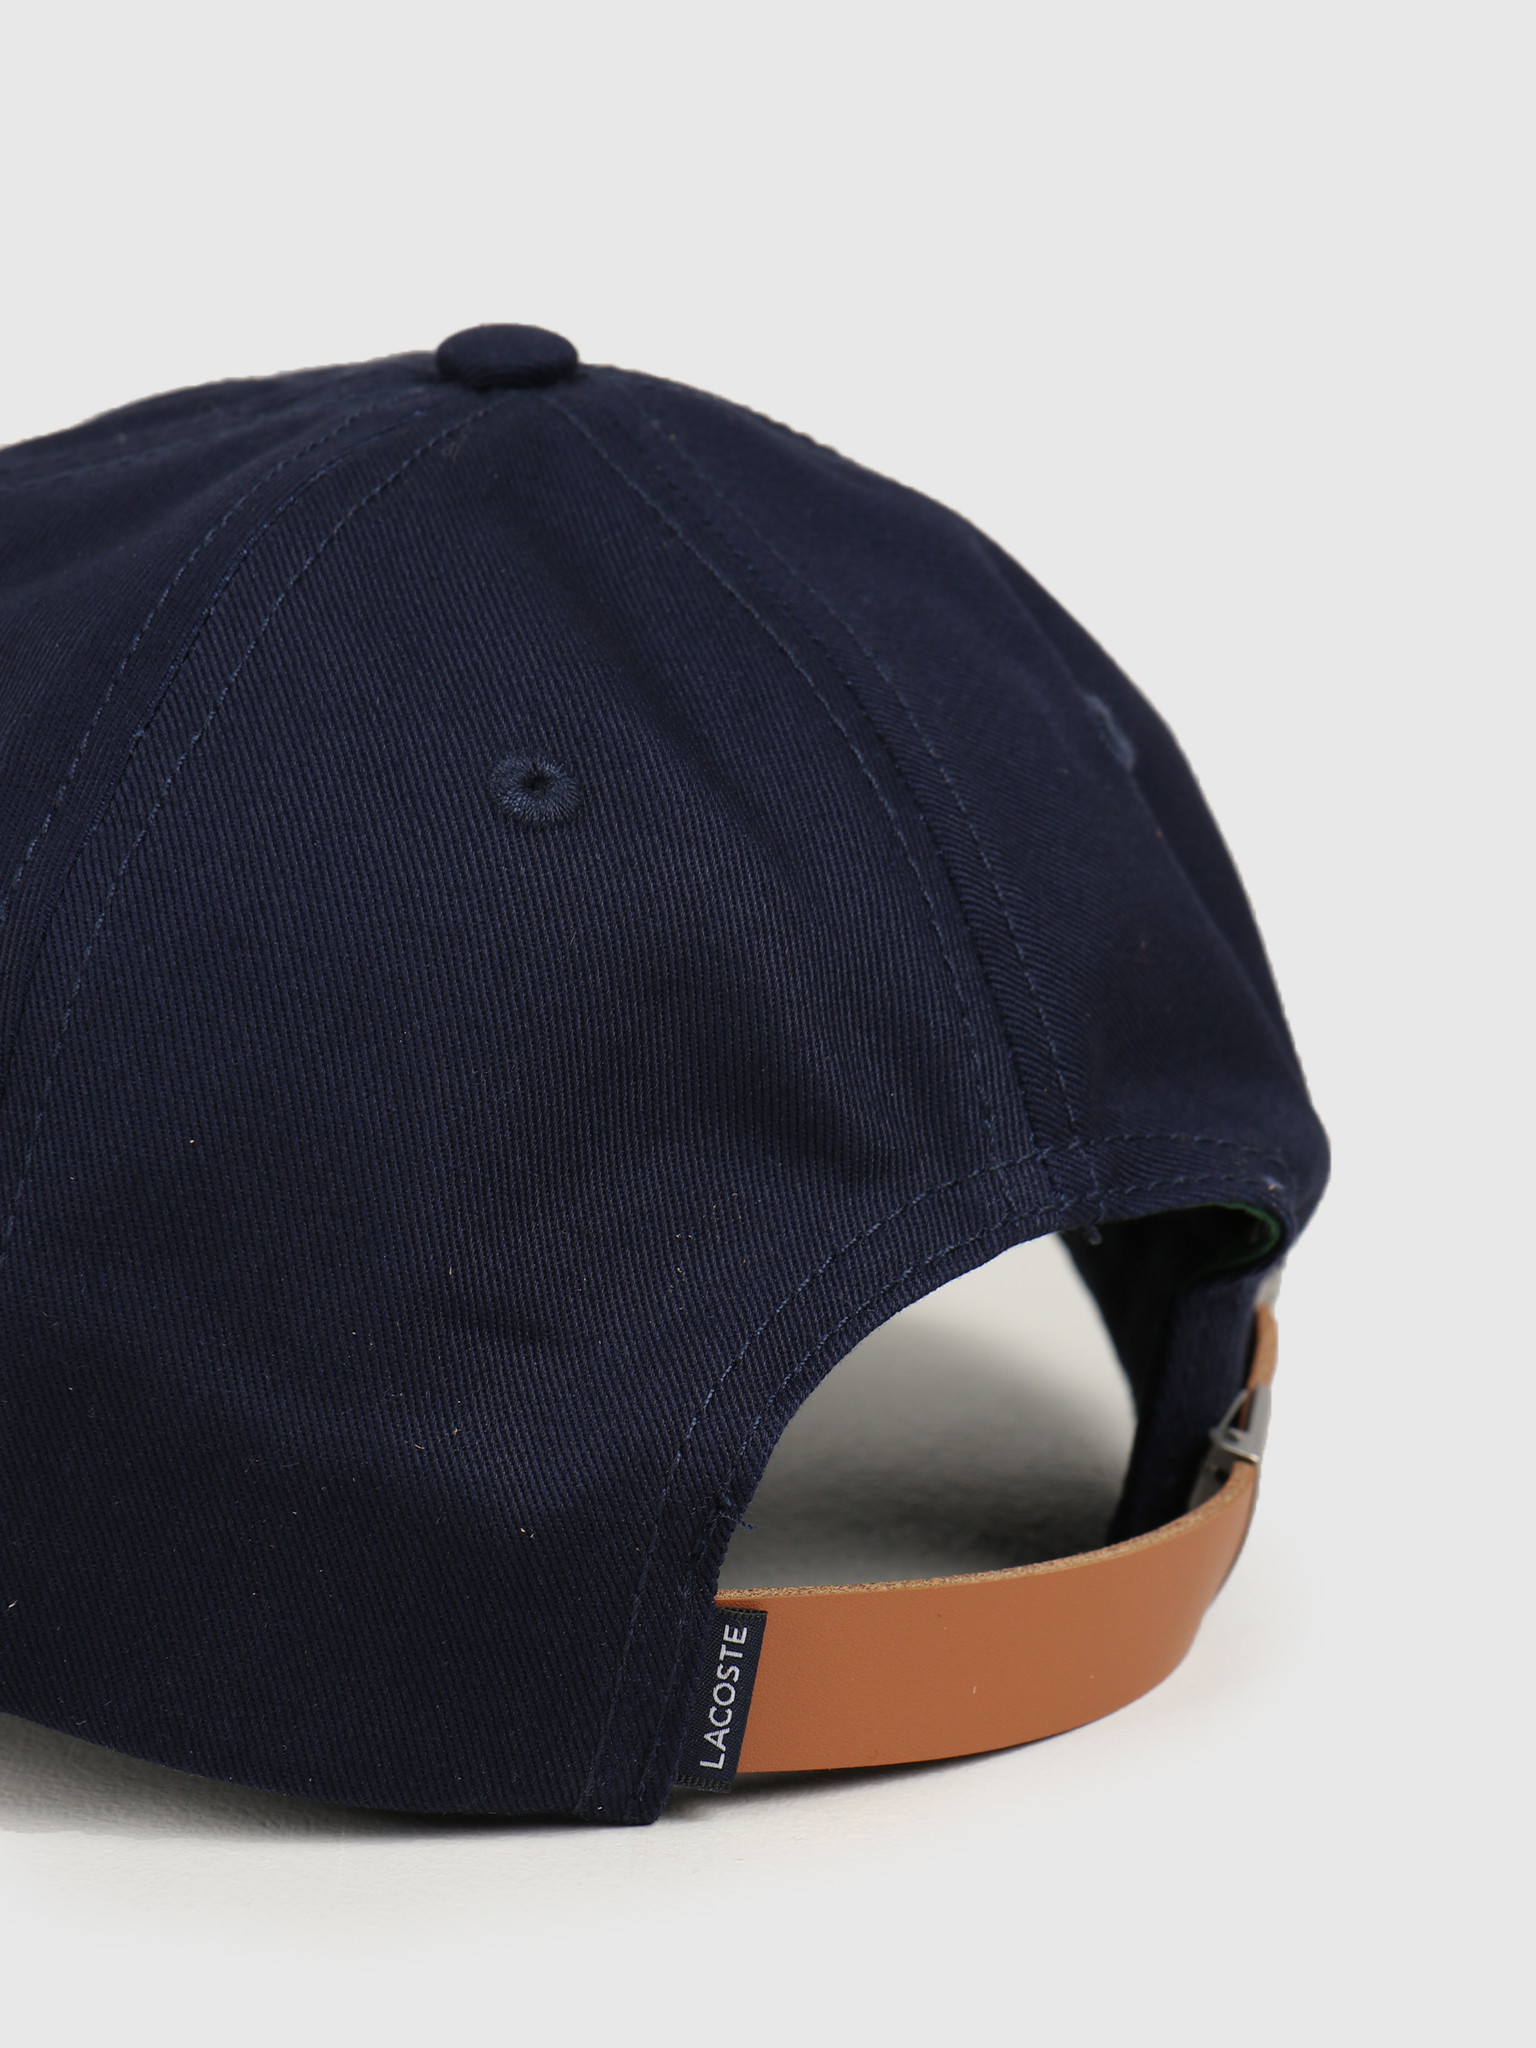 Lacoste Lacoste 2G4C Cap 01 Navy Blue RK4709-01